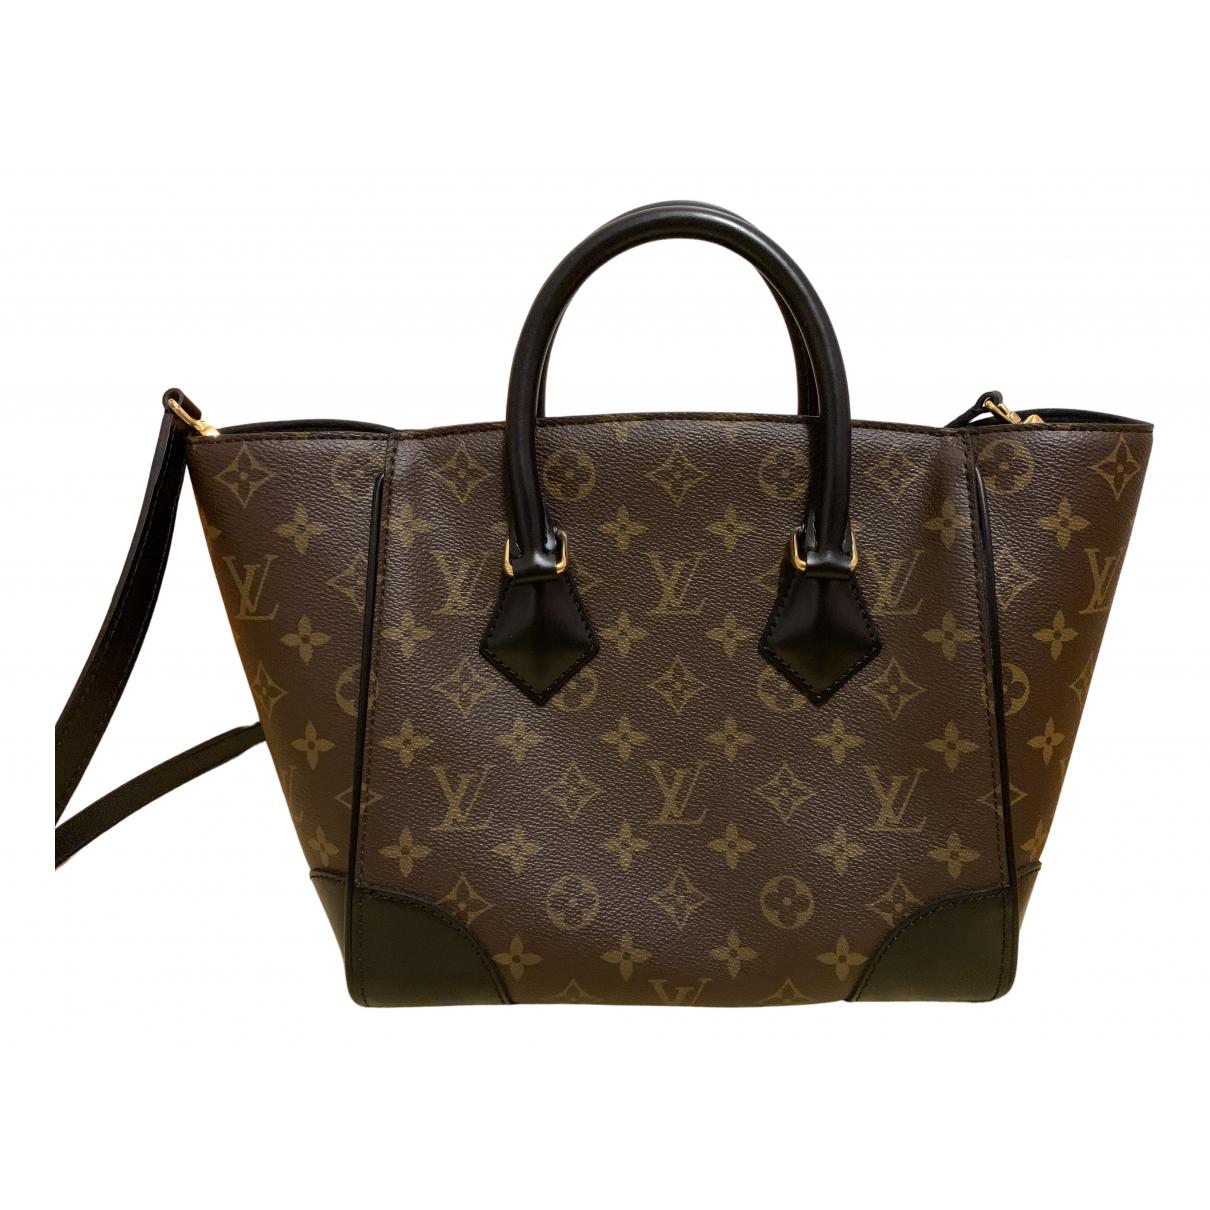 Louis Vuitton - Sac a main Phenix pour femme en toile - marron